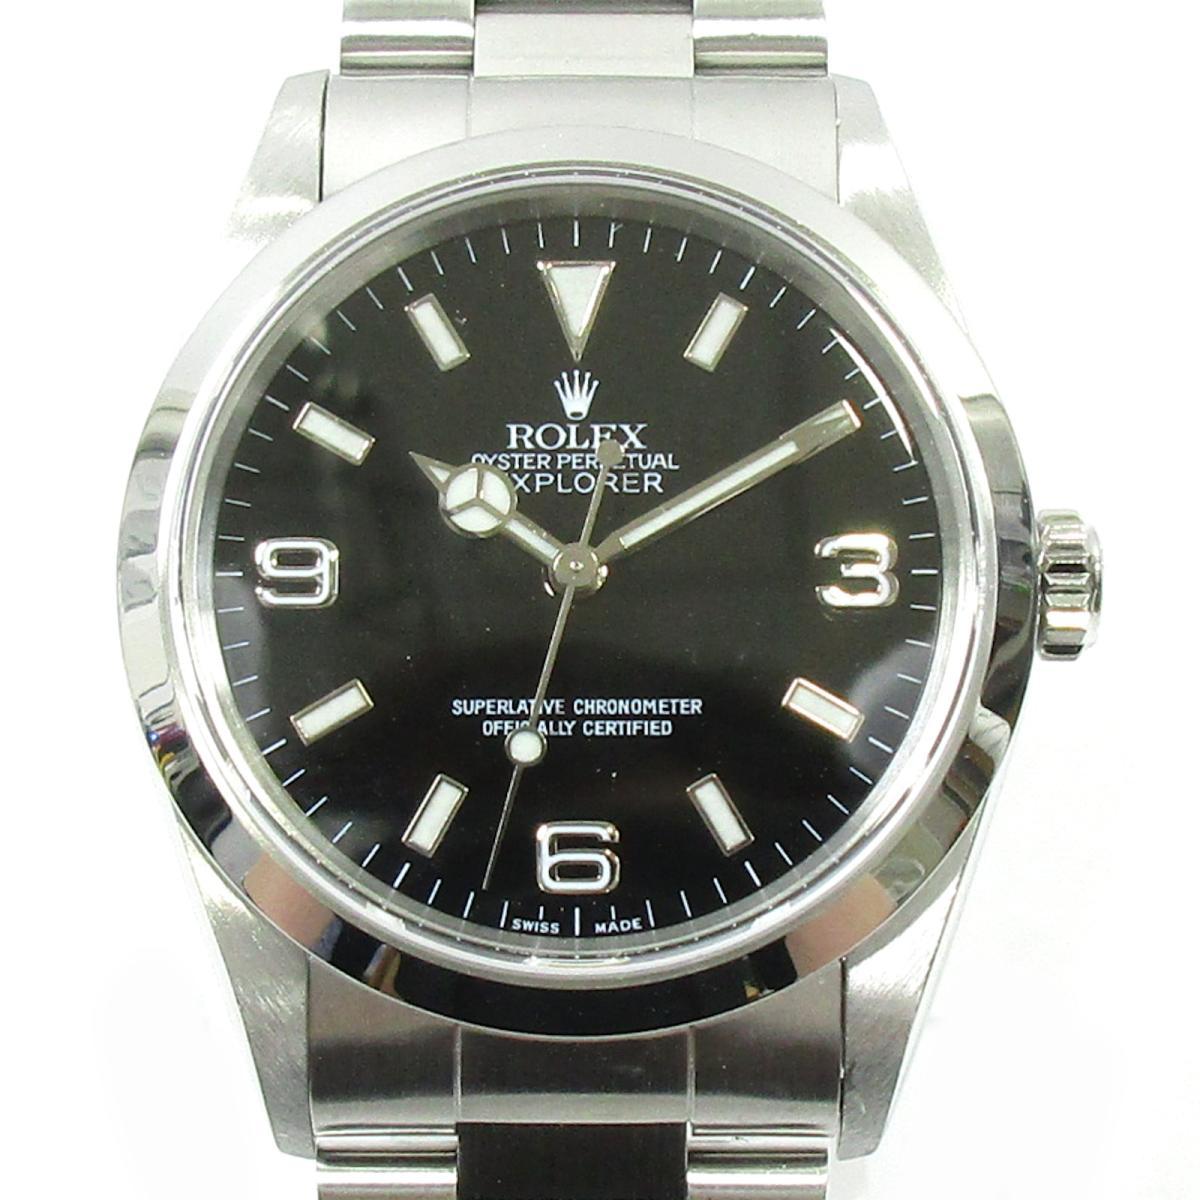 ≪期間限定≫メルマガ登録でクーポンGET! 【中古】 ロレックス エクスプローラー1 ウォッチ 腕時計 メンズ ステンレススチール (SS) シルバー (14270) | ROLEX BRANDOFF ブランドオフ ブランド ブランド時計 ブランド腕時計 時計